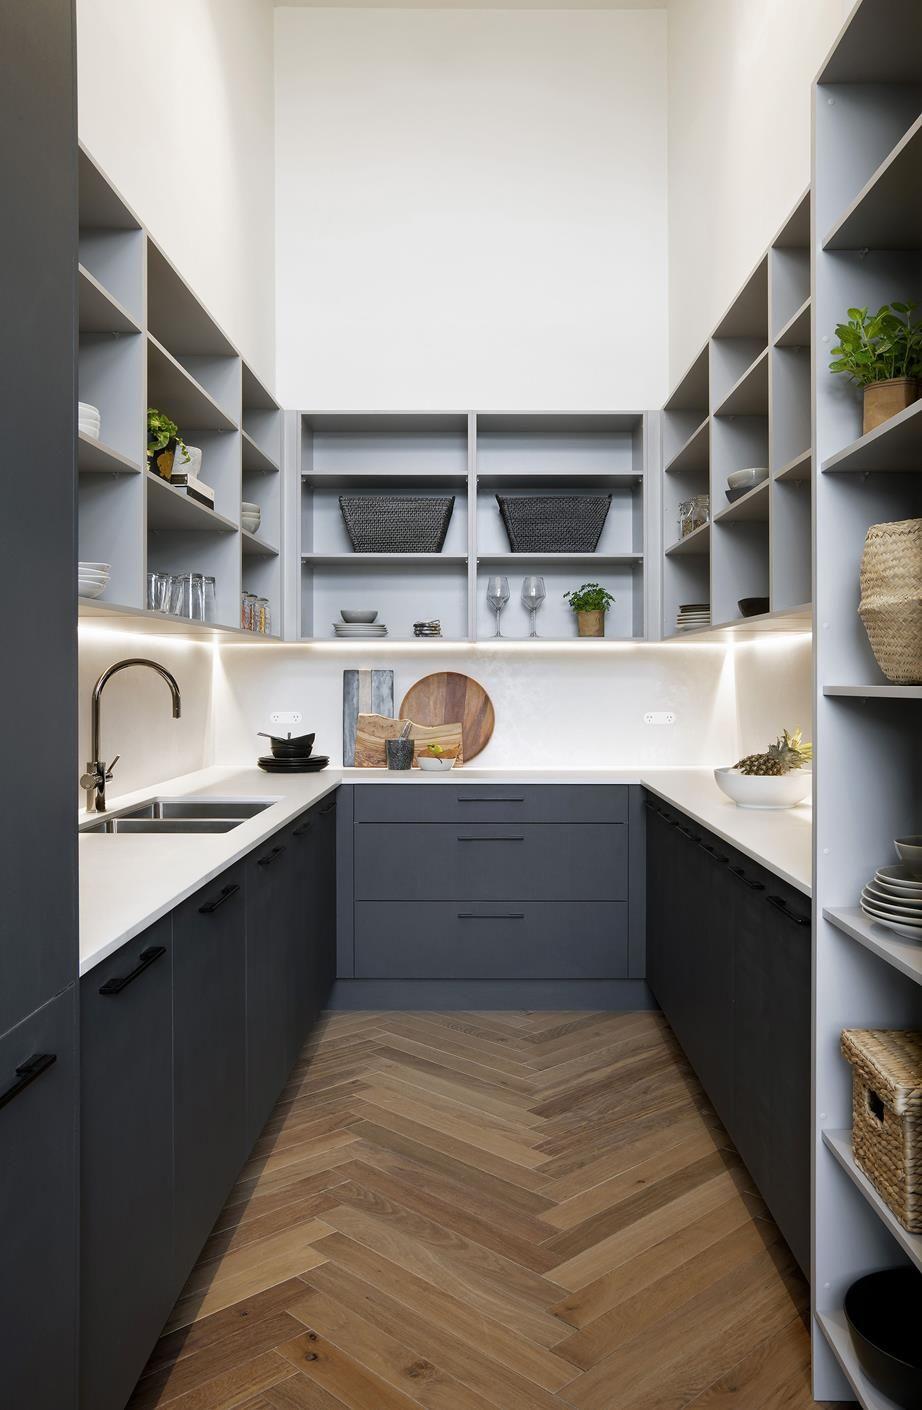 Best 7 New Kitchen Trends Showcased On The Block 2018 Kitchen 400 x 300